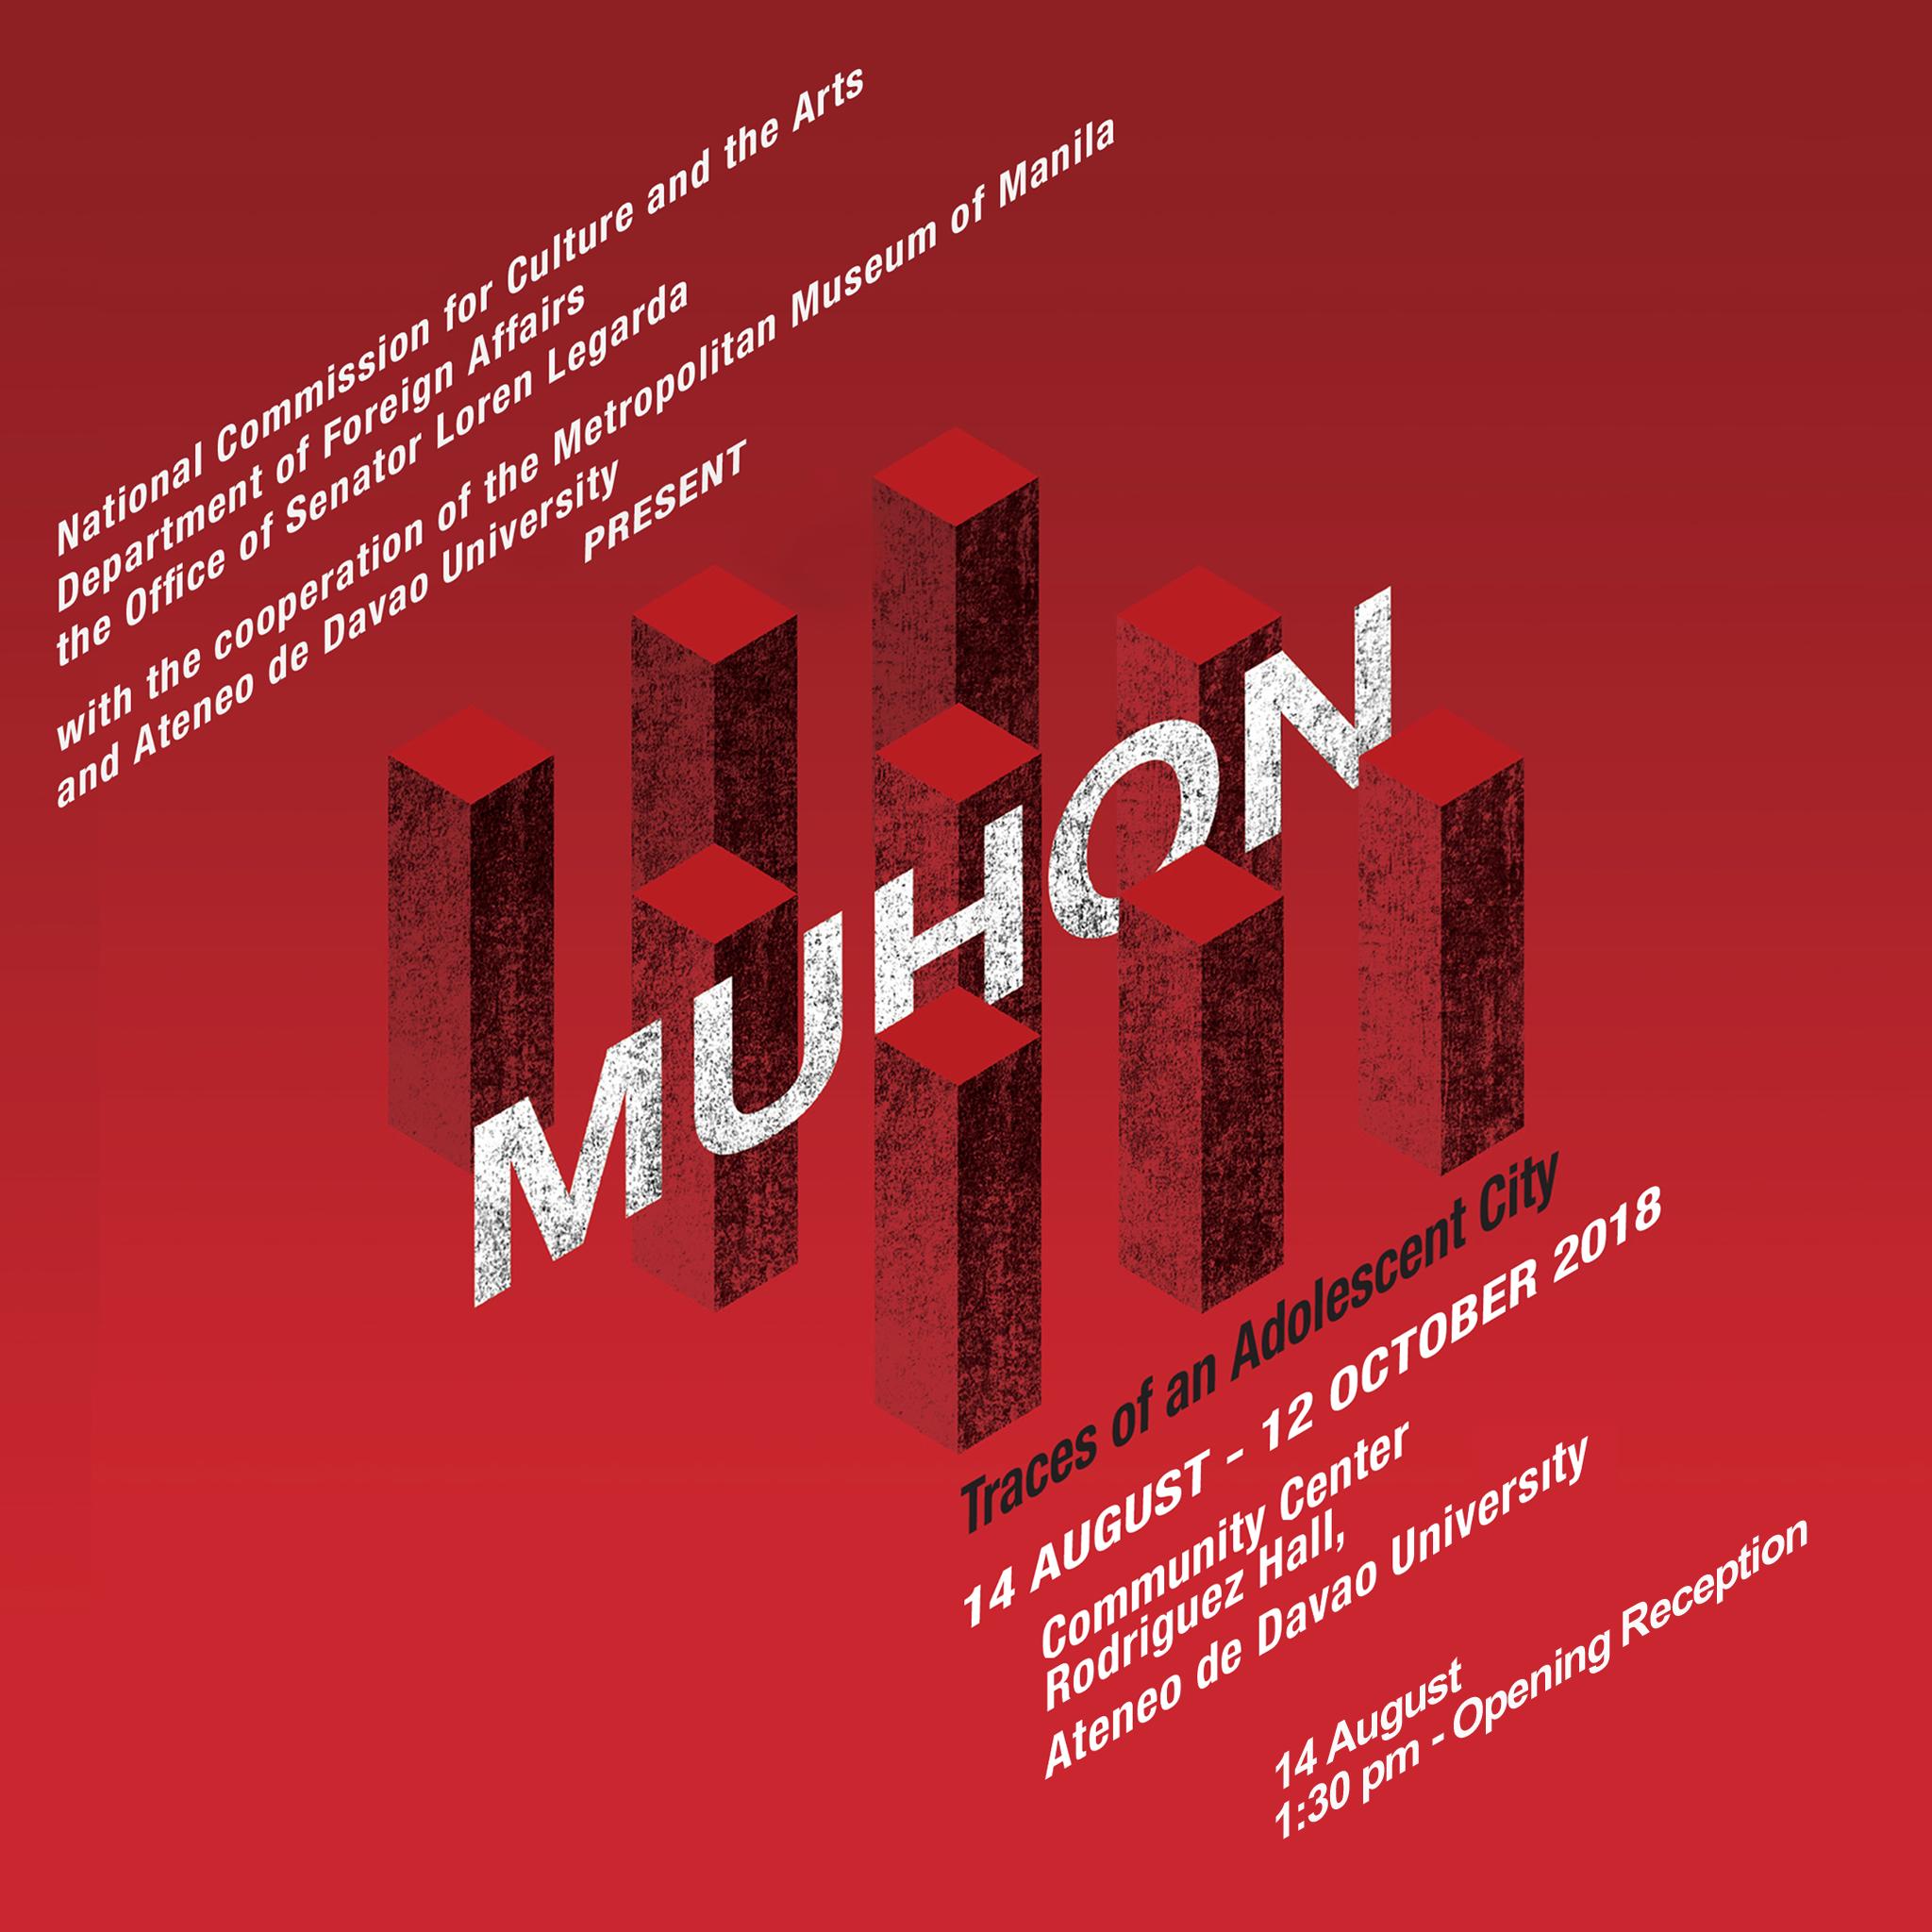 muhon_invite